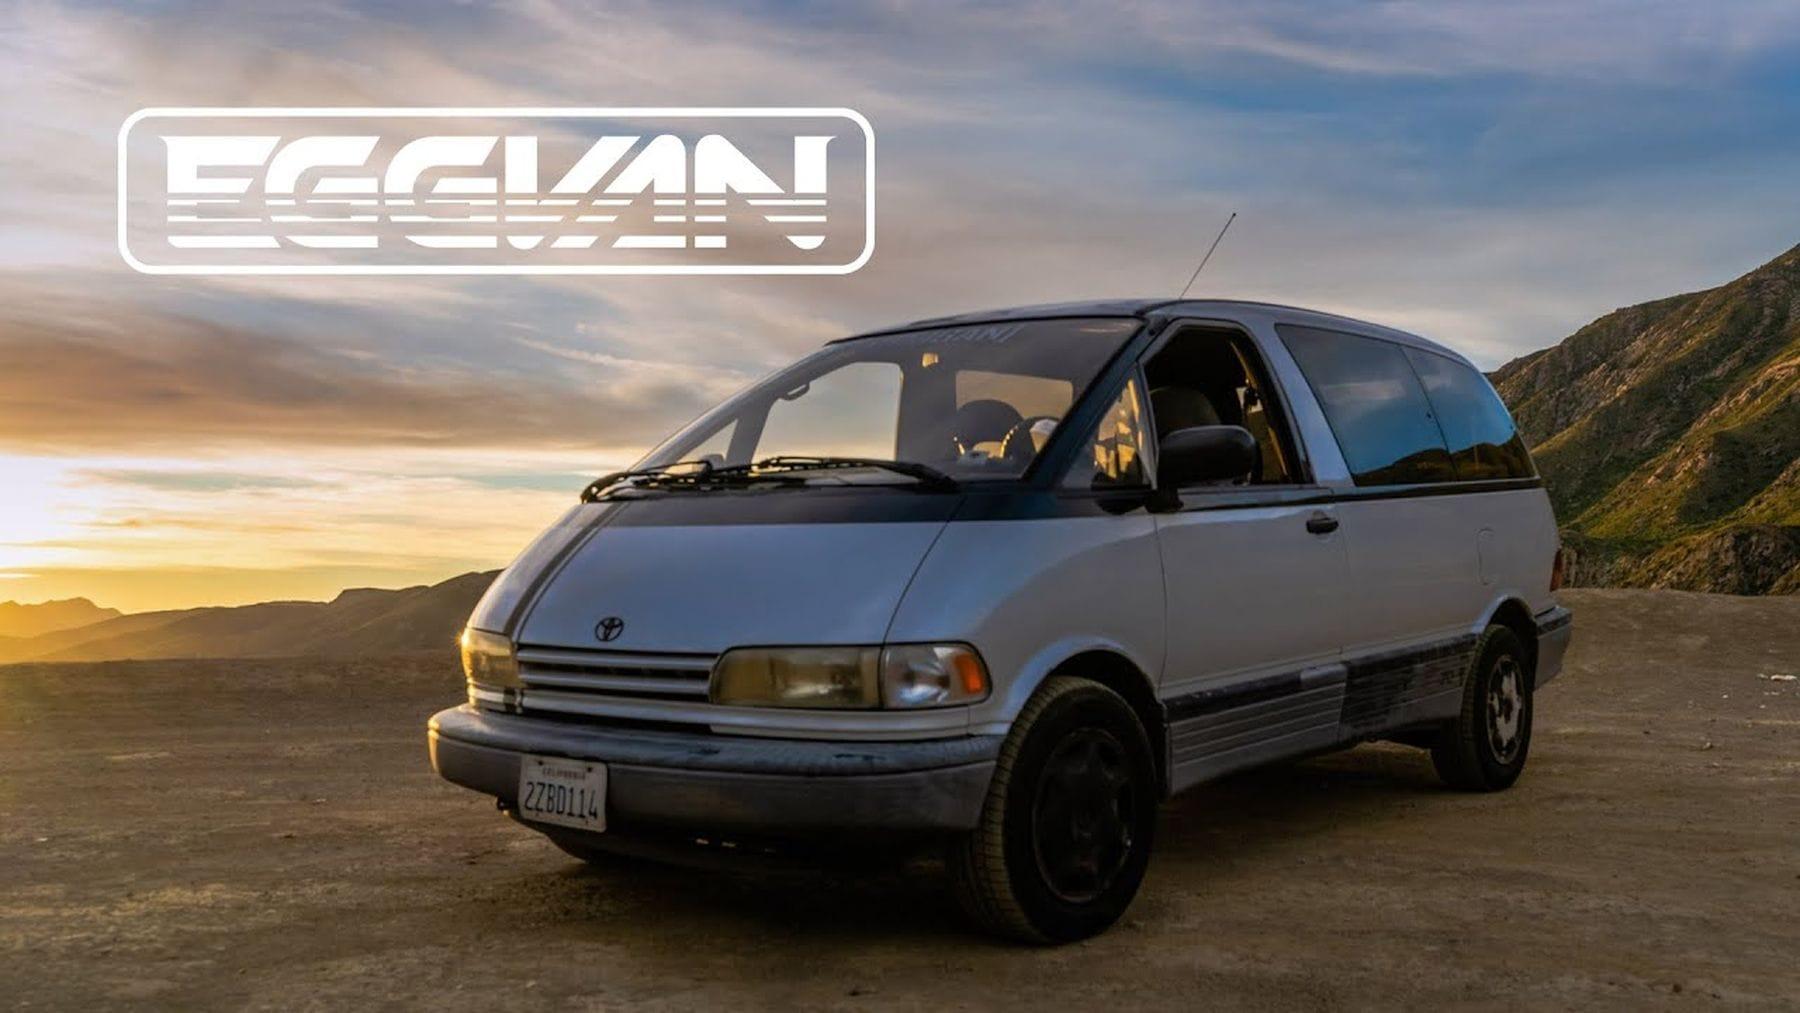 Der Toyota Previa von 1991 – Der Egg-Van | Gadgets | Was is hier eigentlich los?